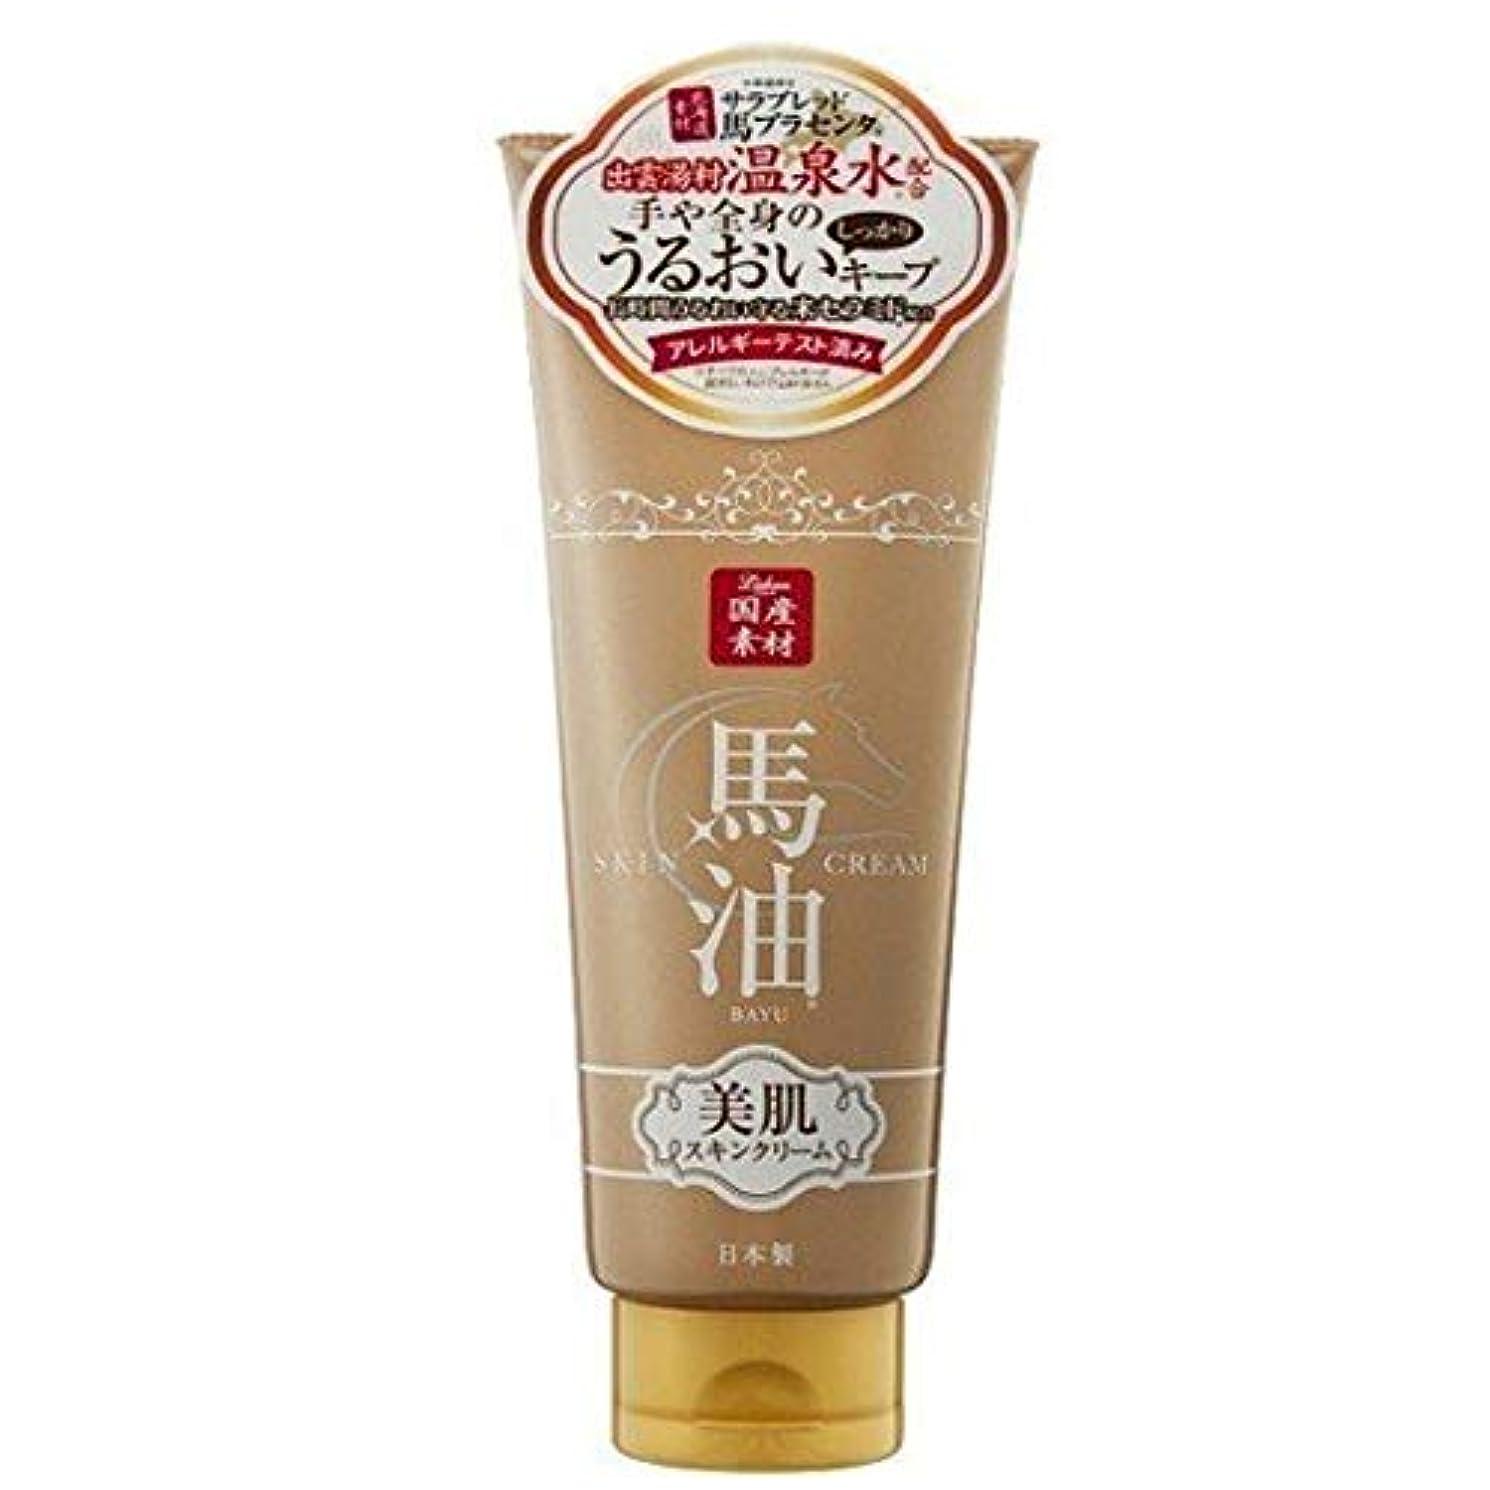 腹部コードレスホイップリシャン 馬油スキンクリームSB シトラスティーの香り 200g